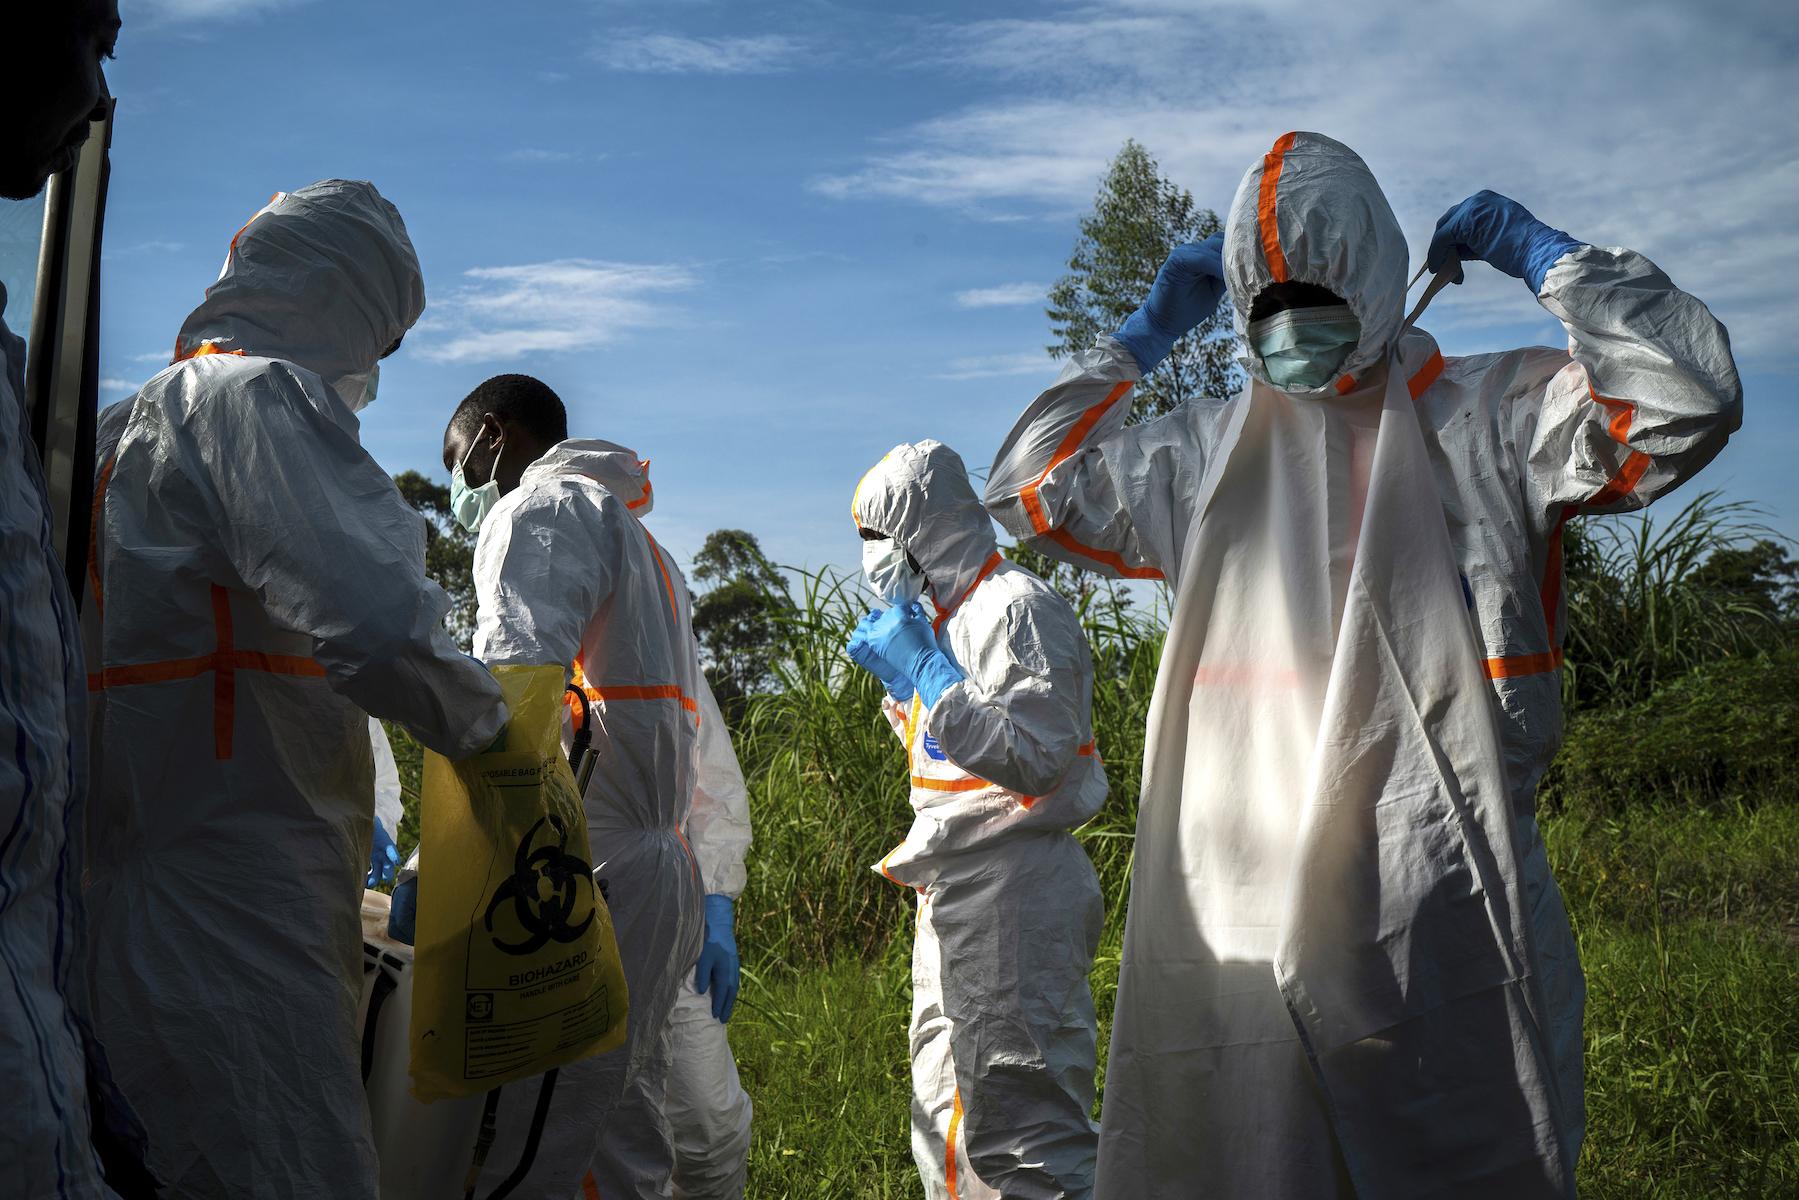 Congo Ebola Photo Essay